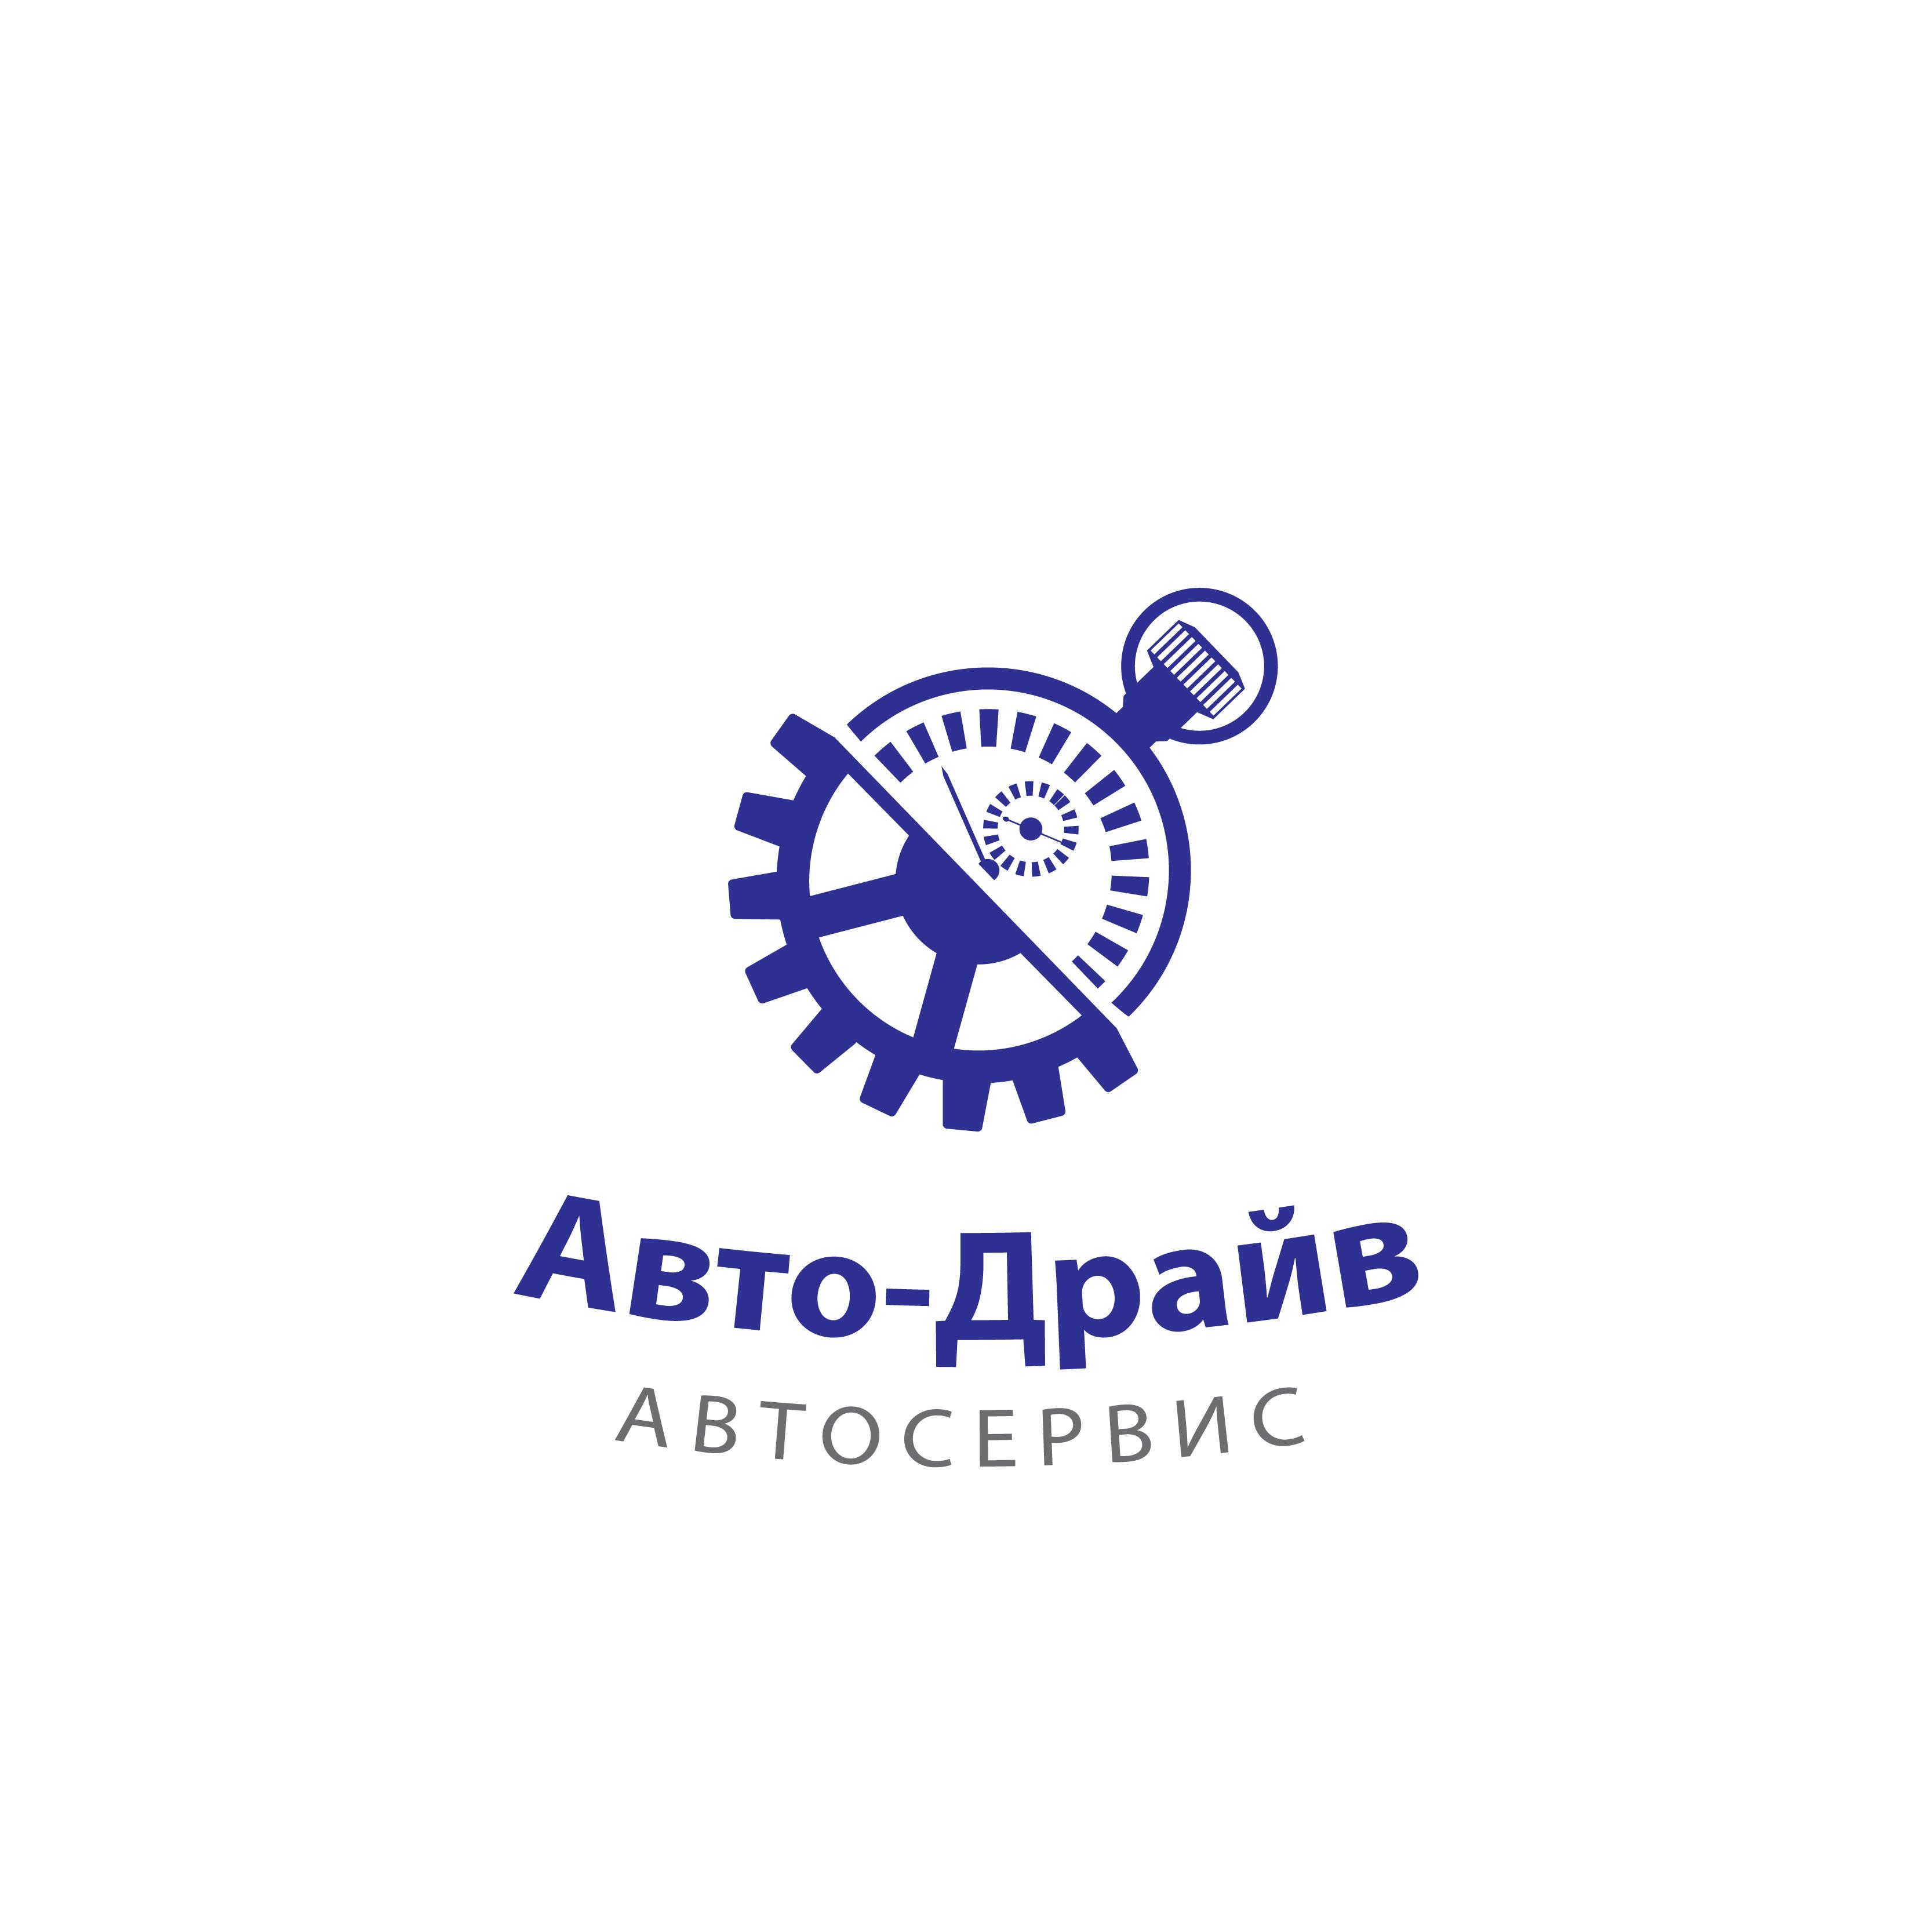 Разработать логотип автосервиса фото f_9645141da6fe0d67.jpg